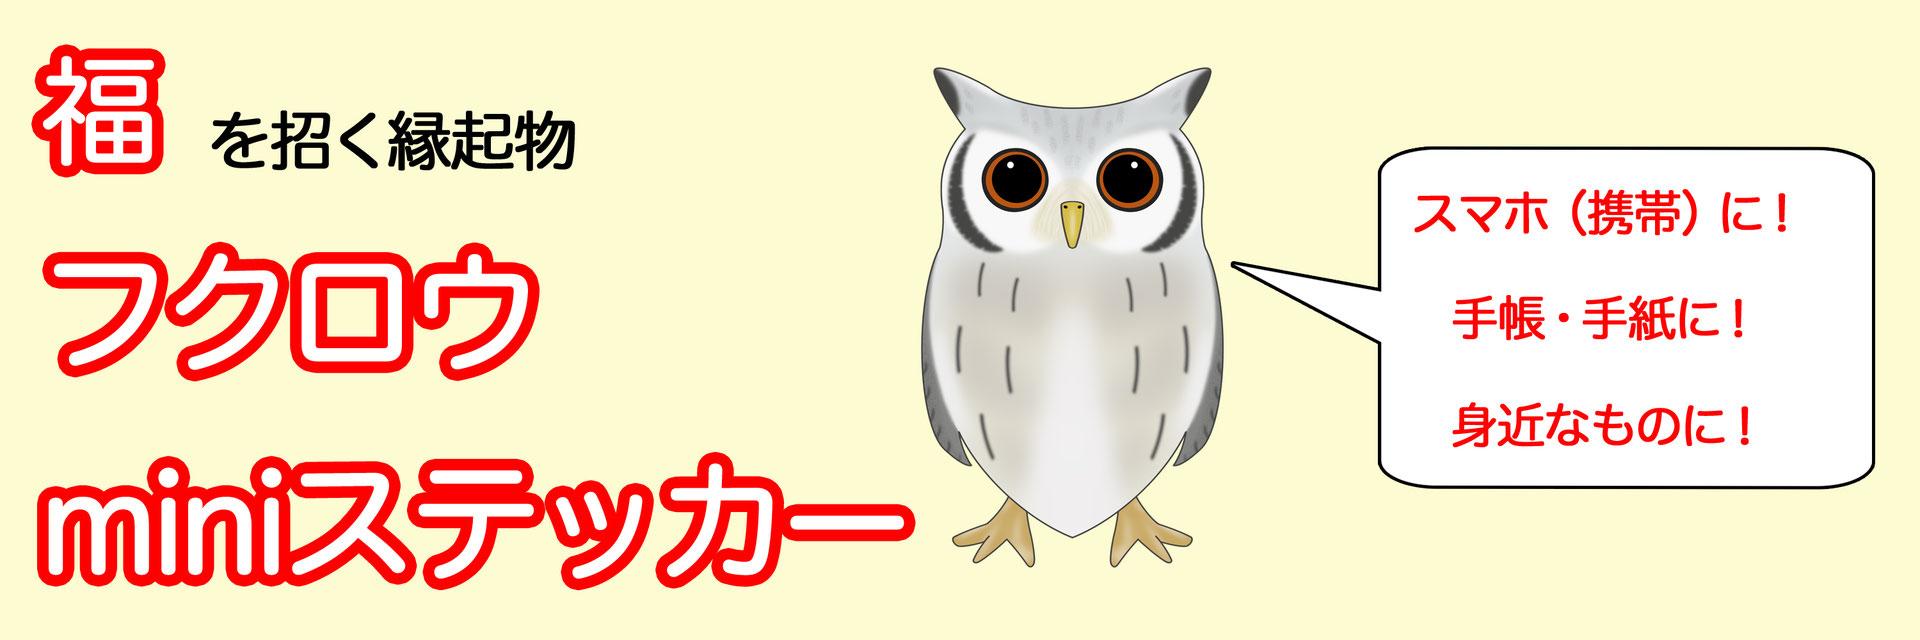 フクロウのミニステッカー - silverfrog ページ!